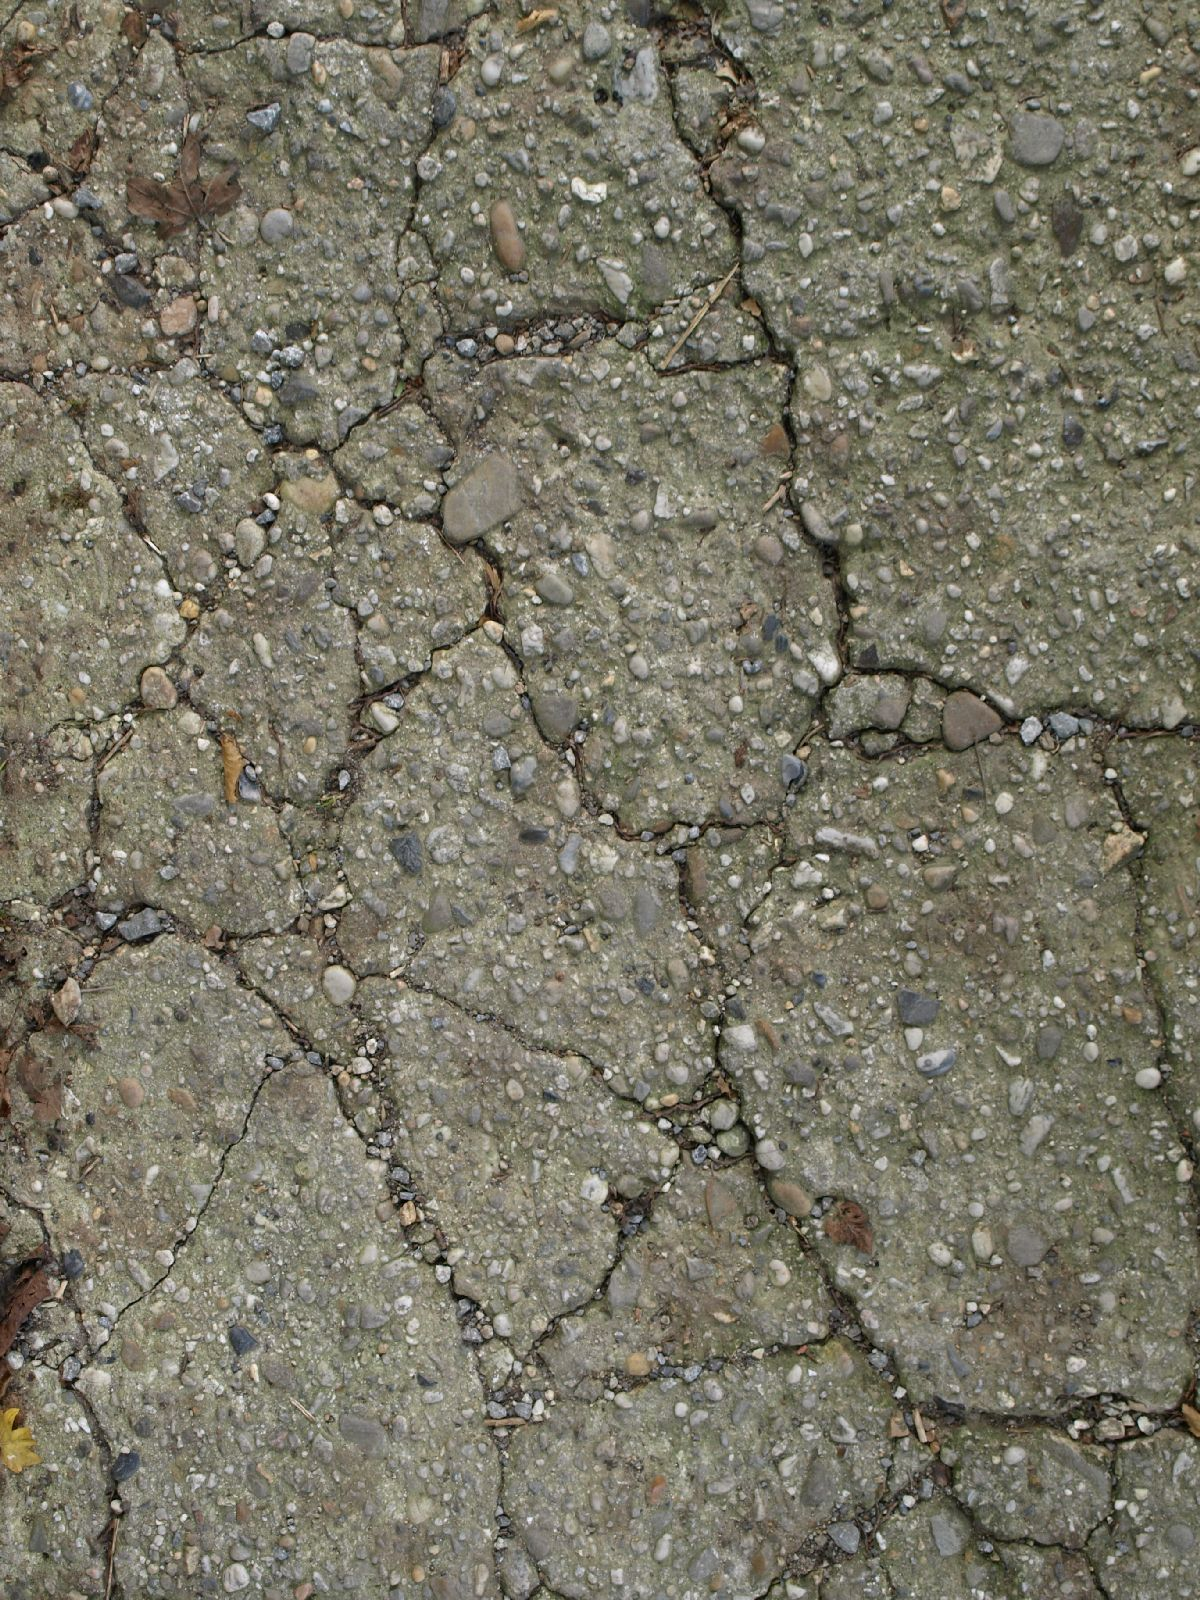 Ground-Urban_Texture_A_P9195090